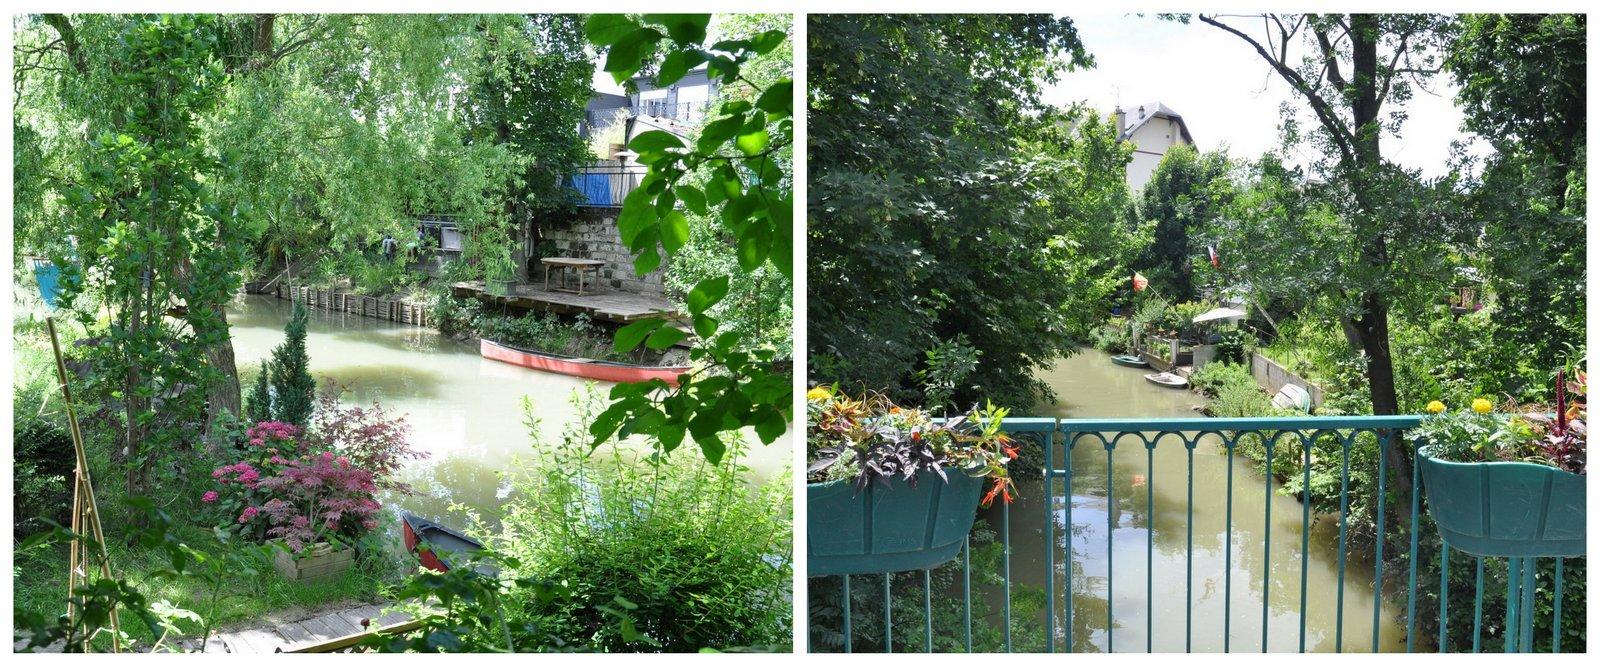 joinville-le-pont-canal-polangis-montage